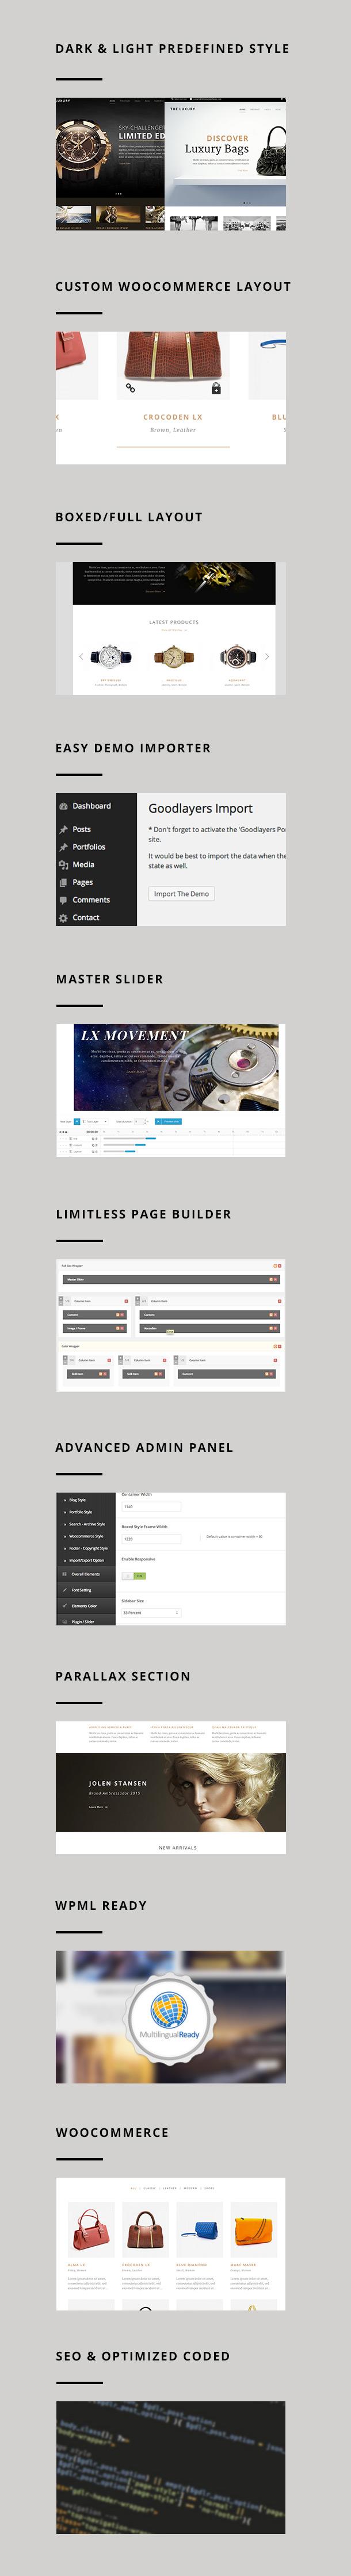 The Luxury - Dark / Light Responsive WordPress - 1